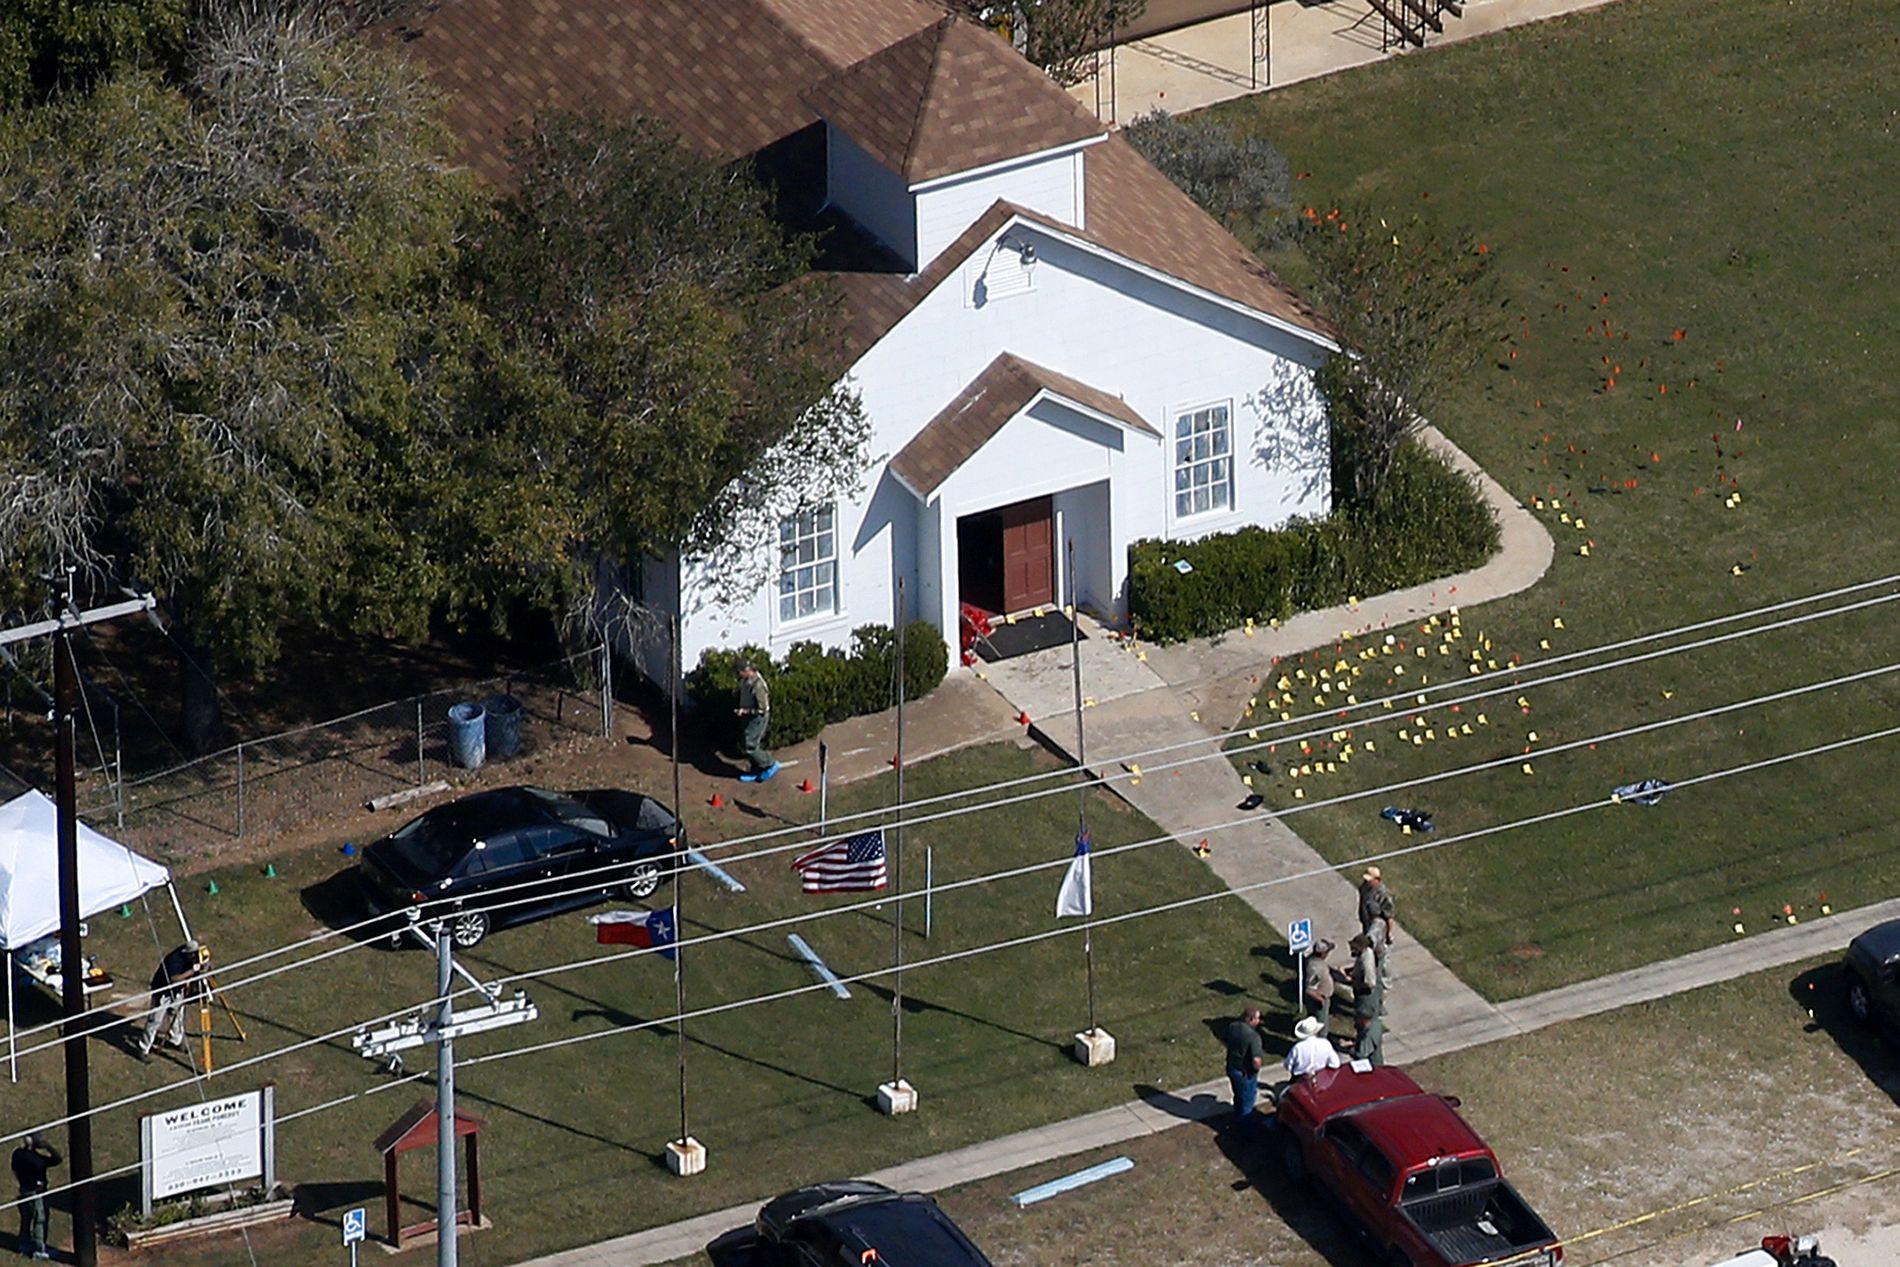 ÅSTEDET: I denne kirken i Sutherland Springs i Texas ble over 40 mennesker drept eller skadet søndag.